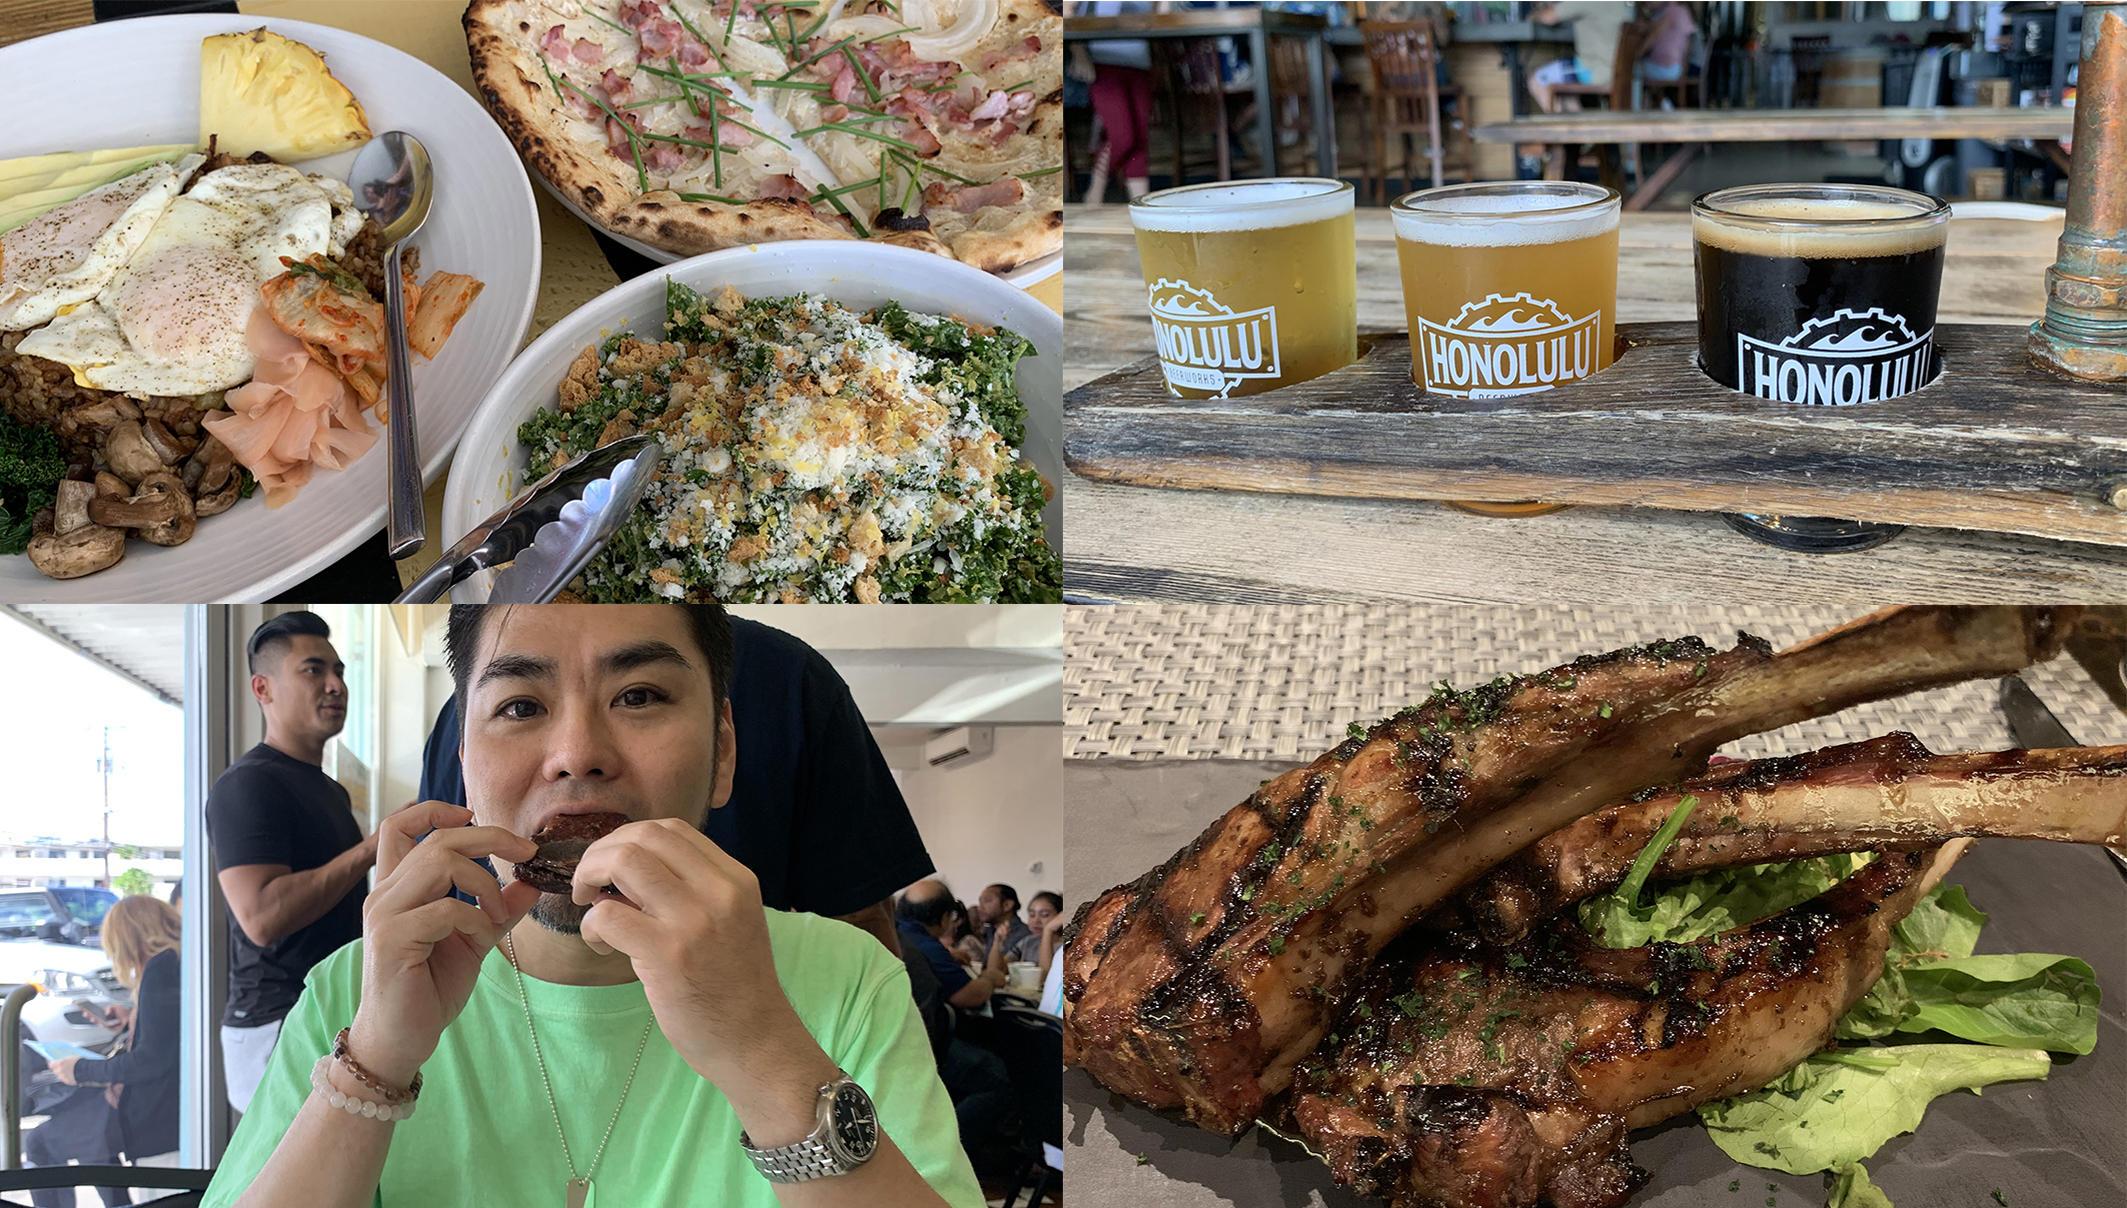 ハワイ男のひとり旅【フード編】「現地の食べものをとことん満喫、腹がはち切れそう」